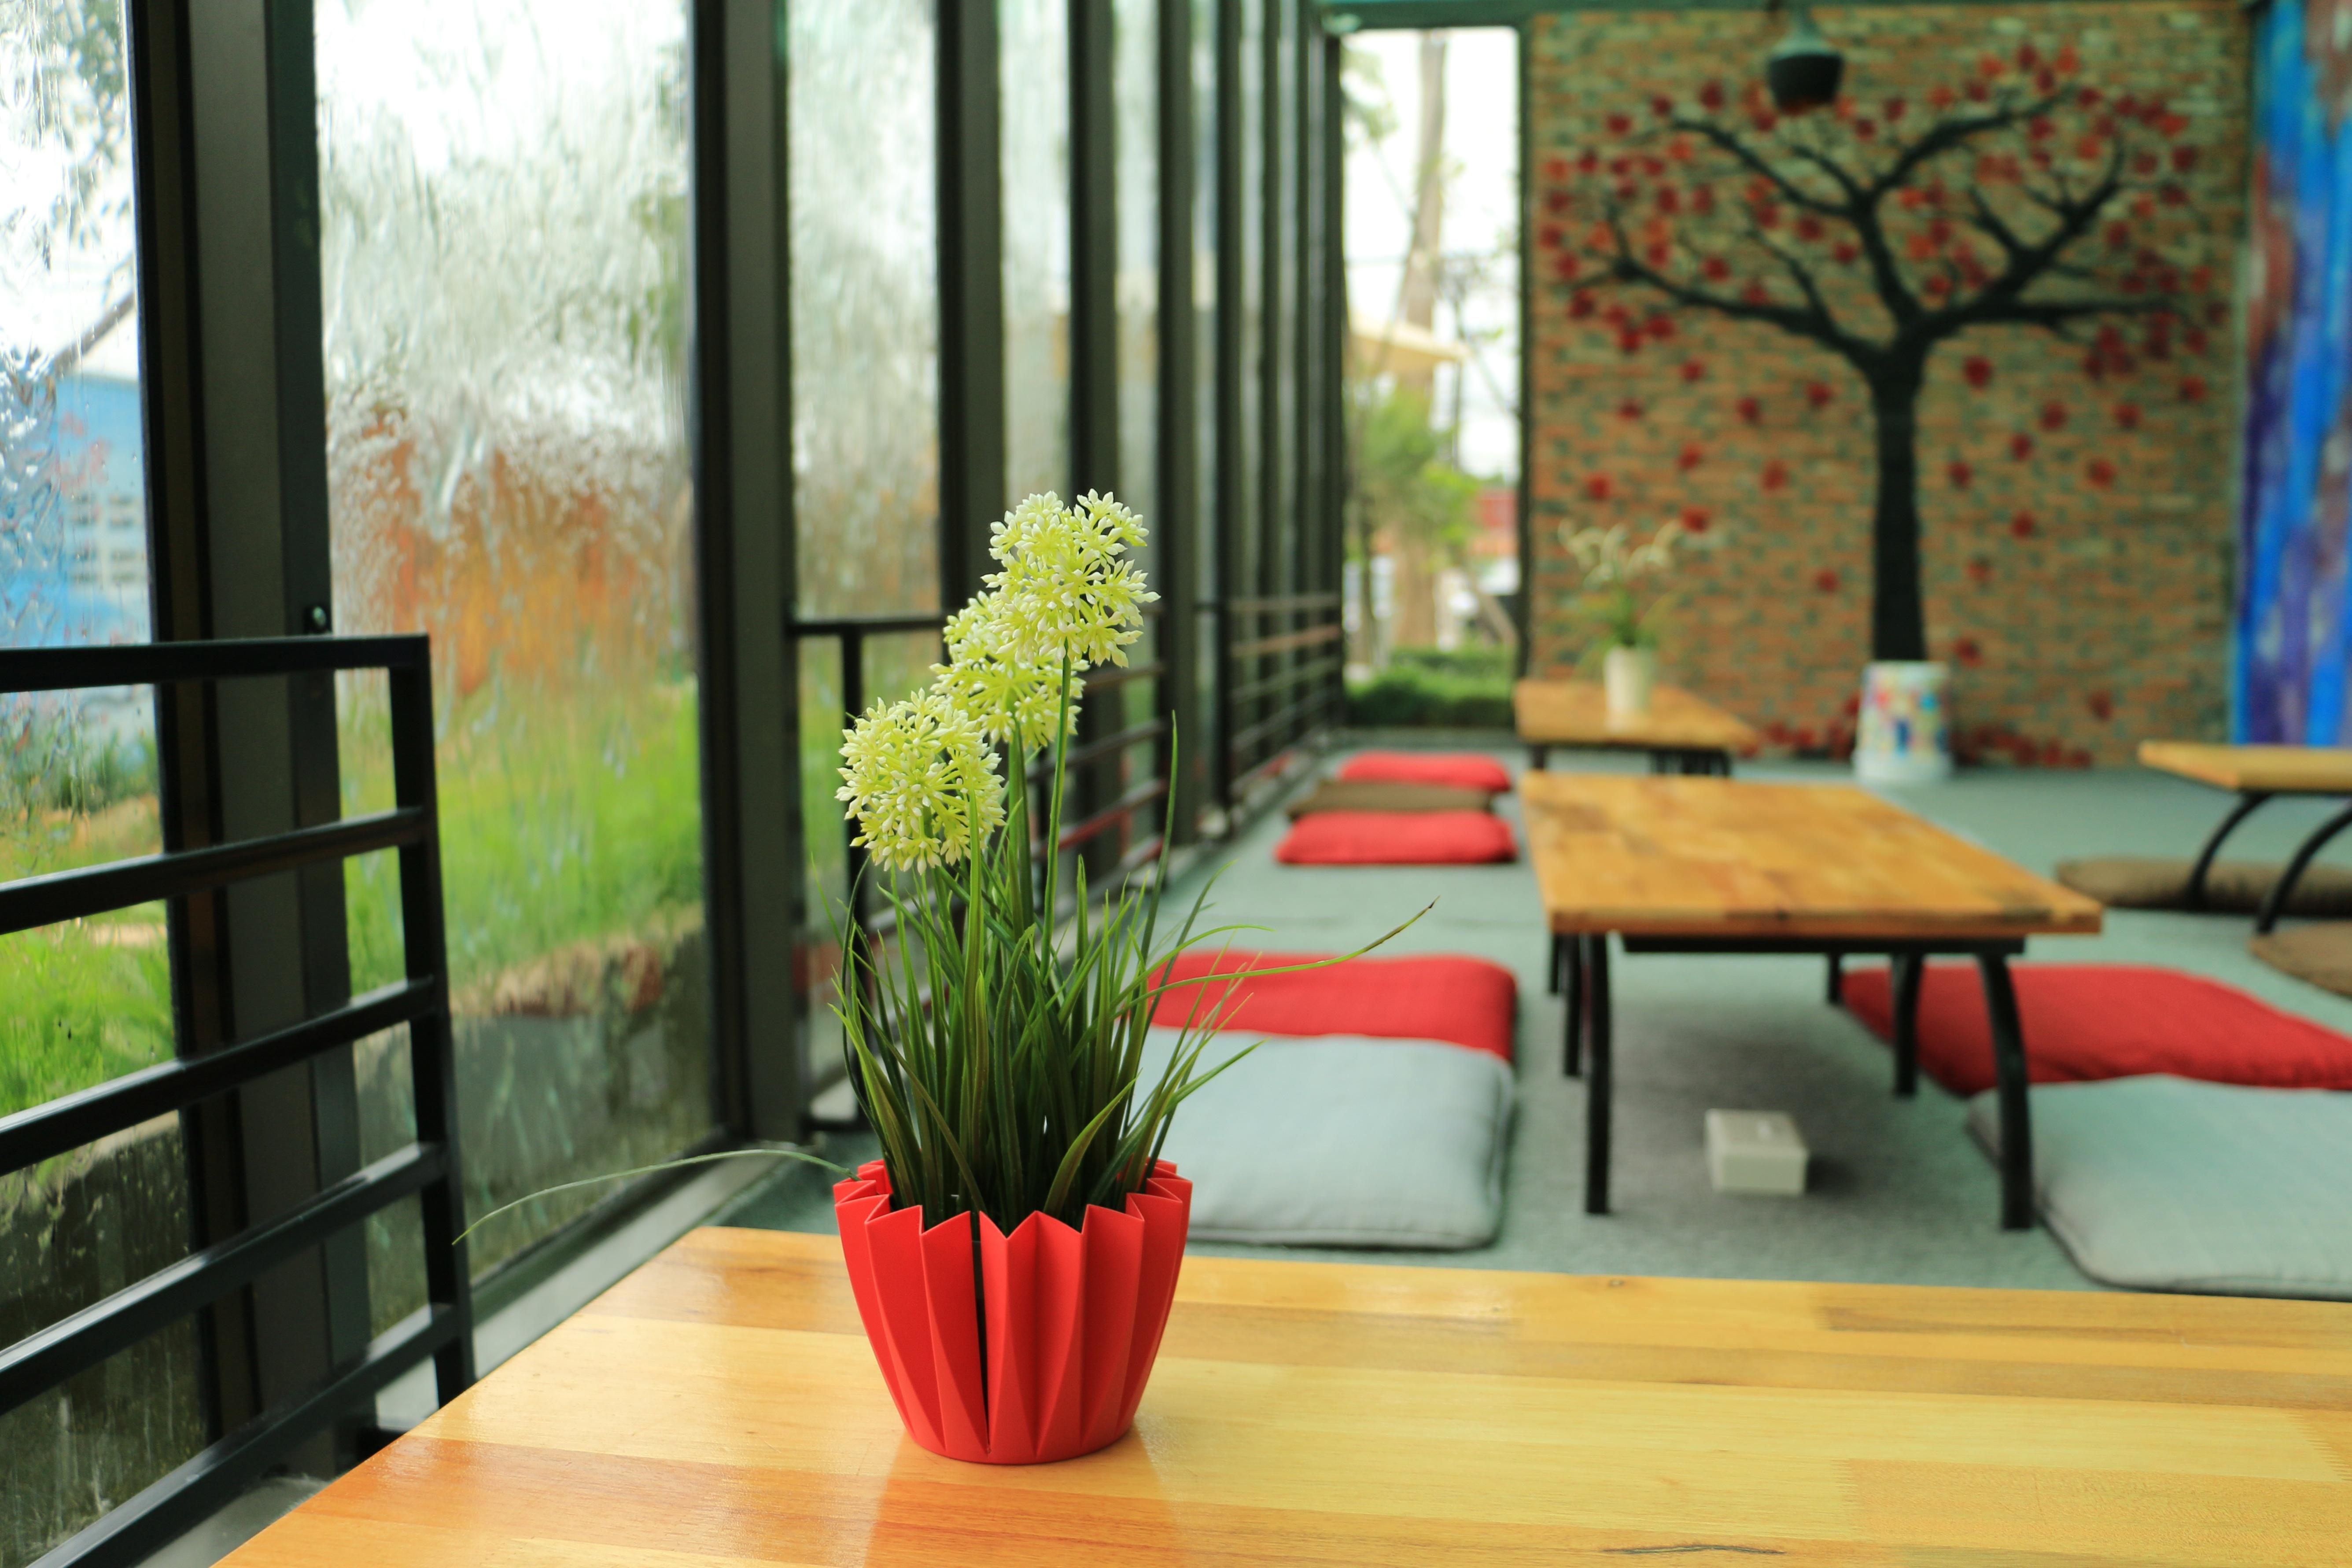 Decorar patio interior piso gallery of with decorar patio - Decorar patio interior piso ...